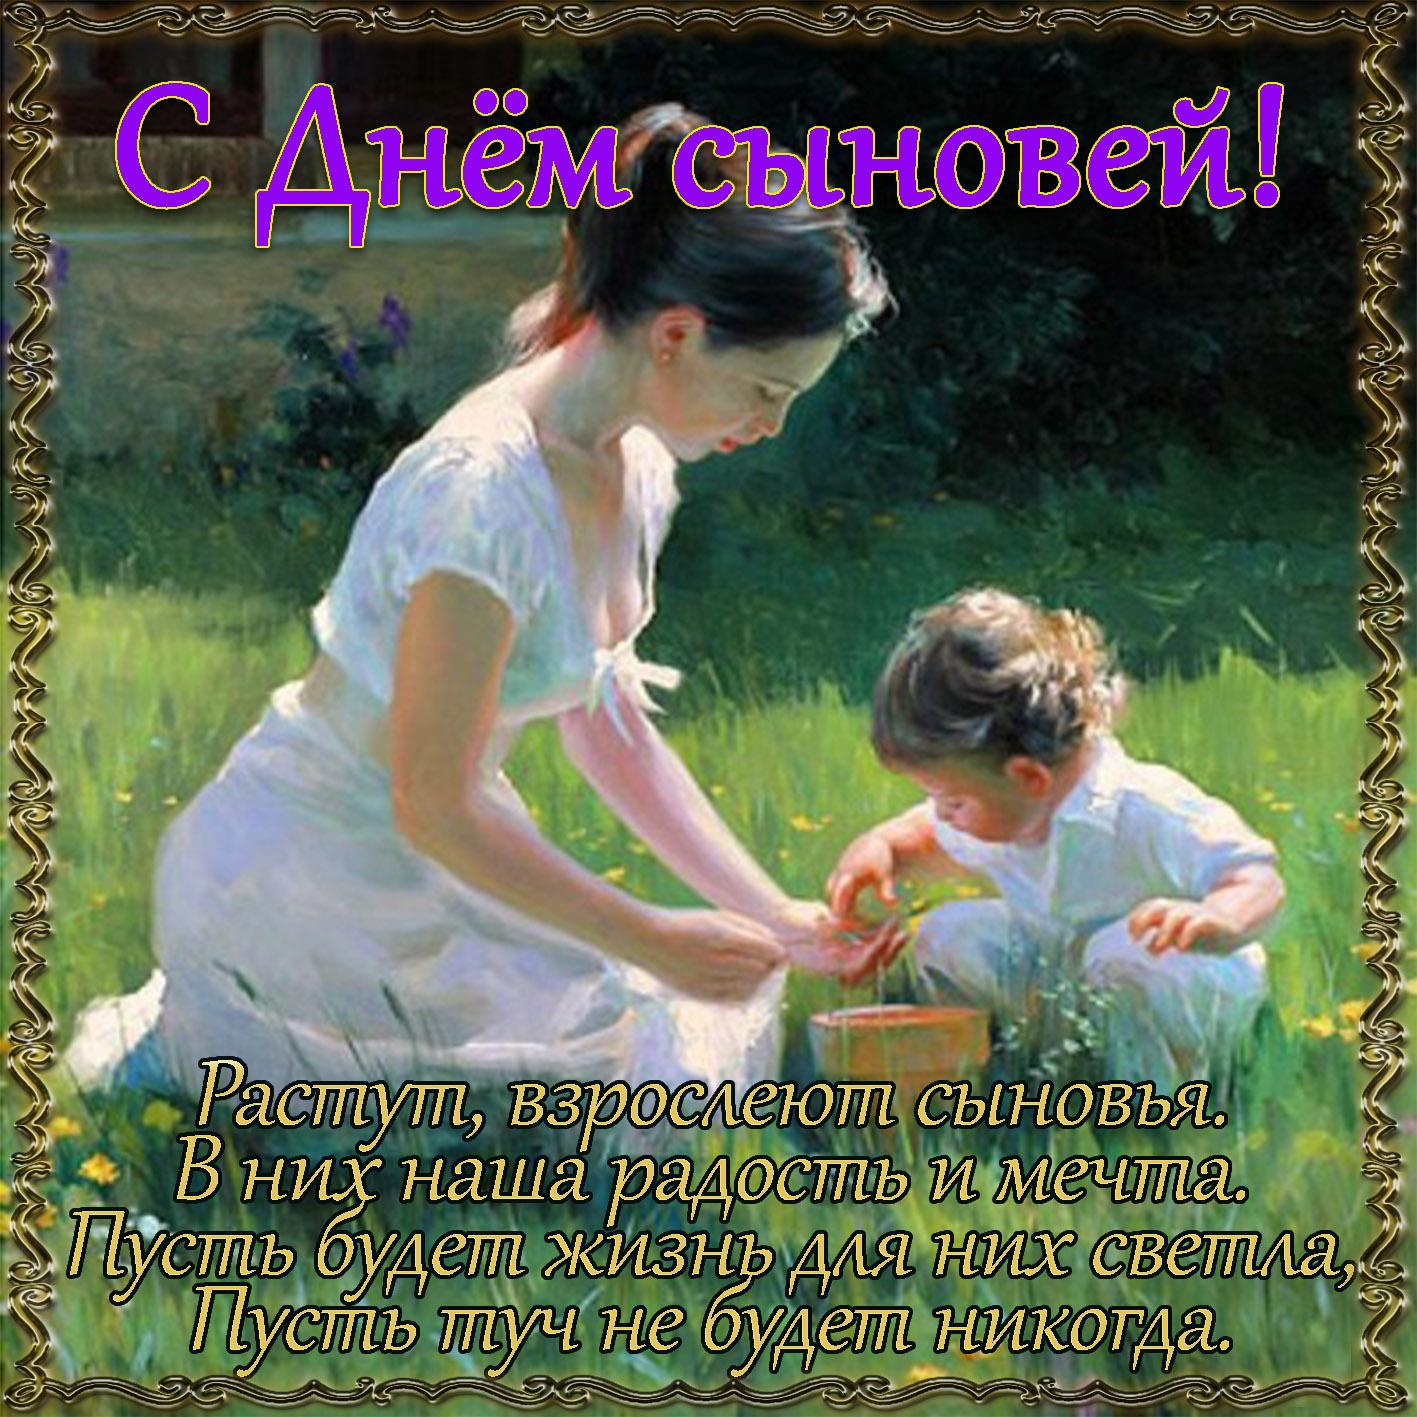 Открытка на День сыновей - мама с сыном на травке в ...